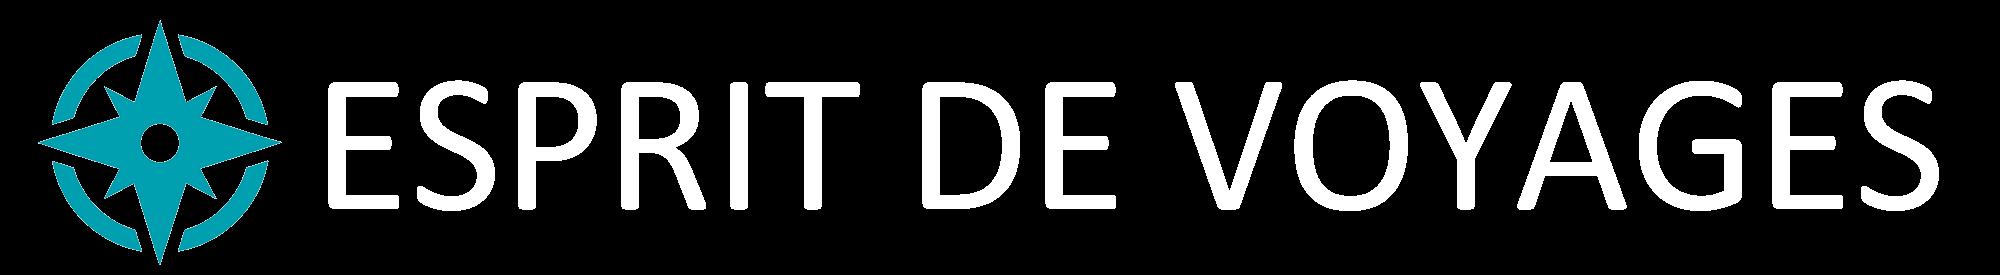 Logo Esprit de voyages